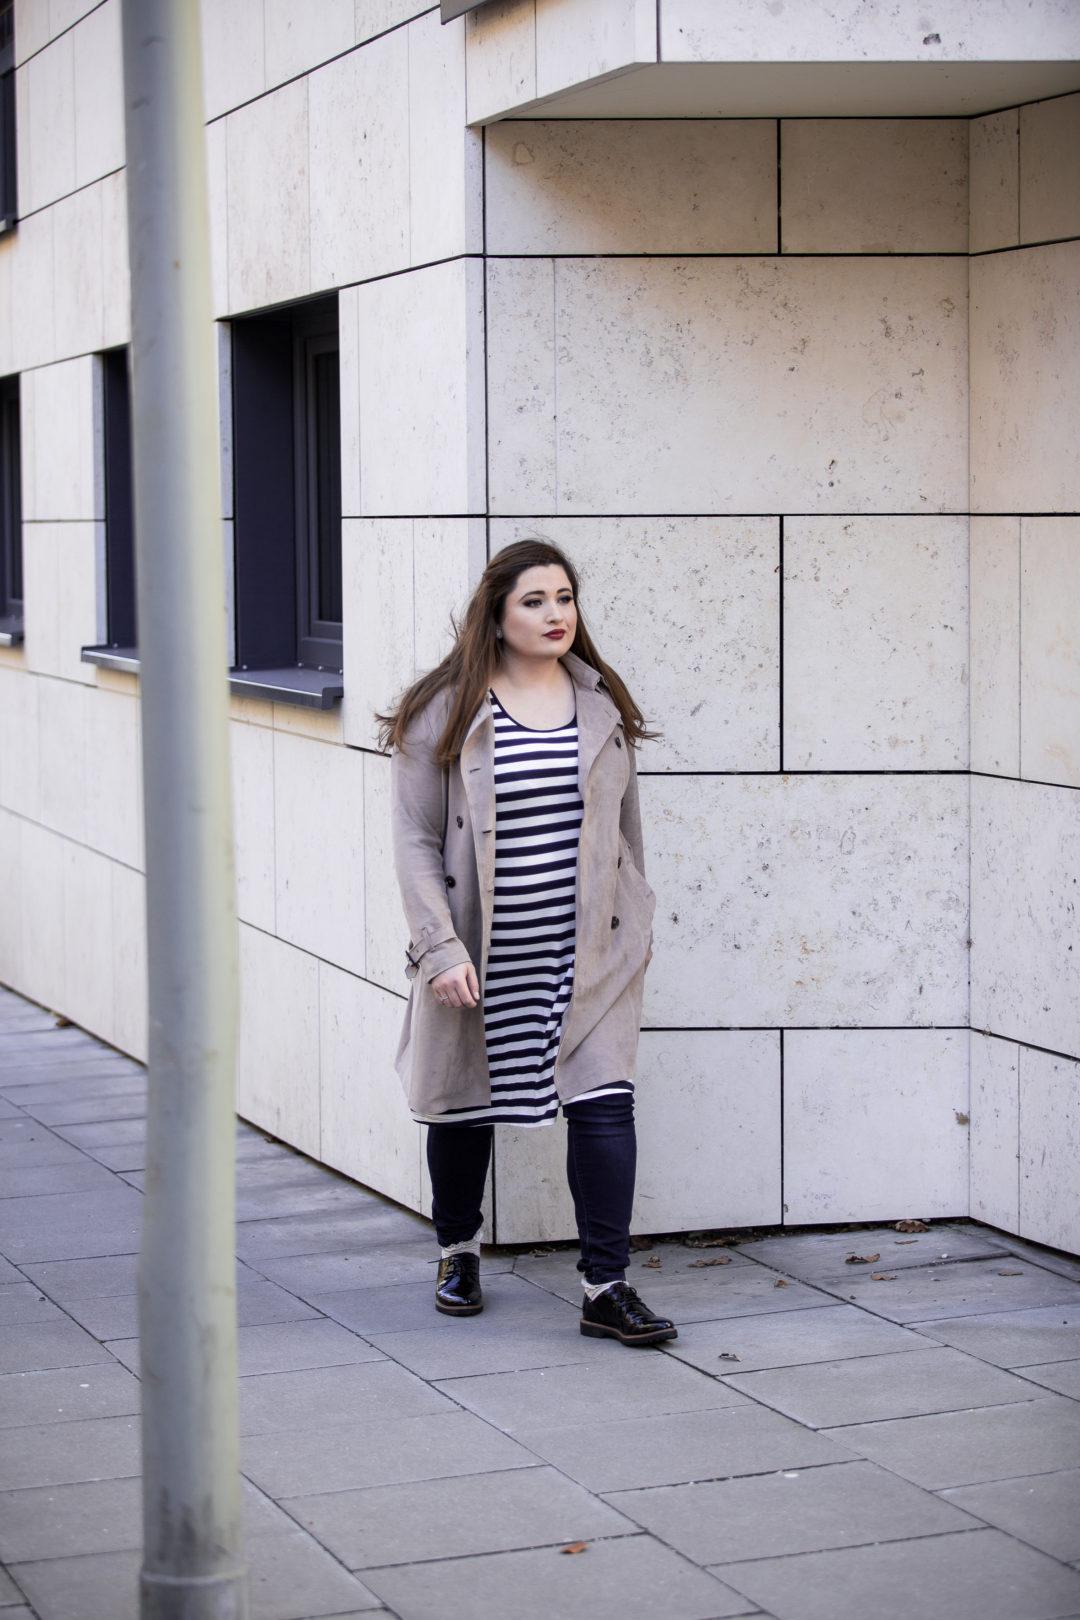 4 вдохновляющих наряда для женщин размера Plus Size